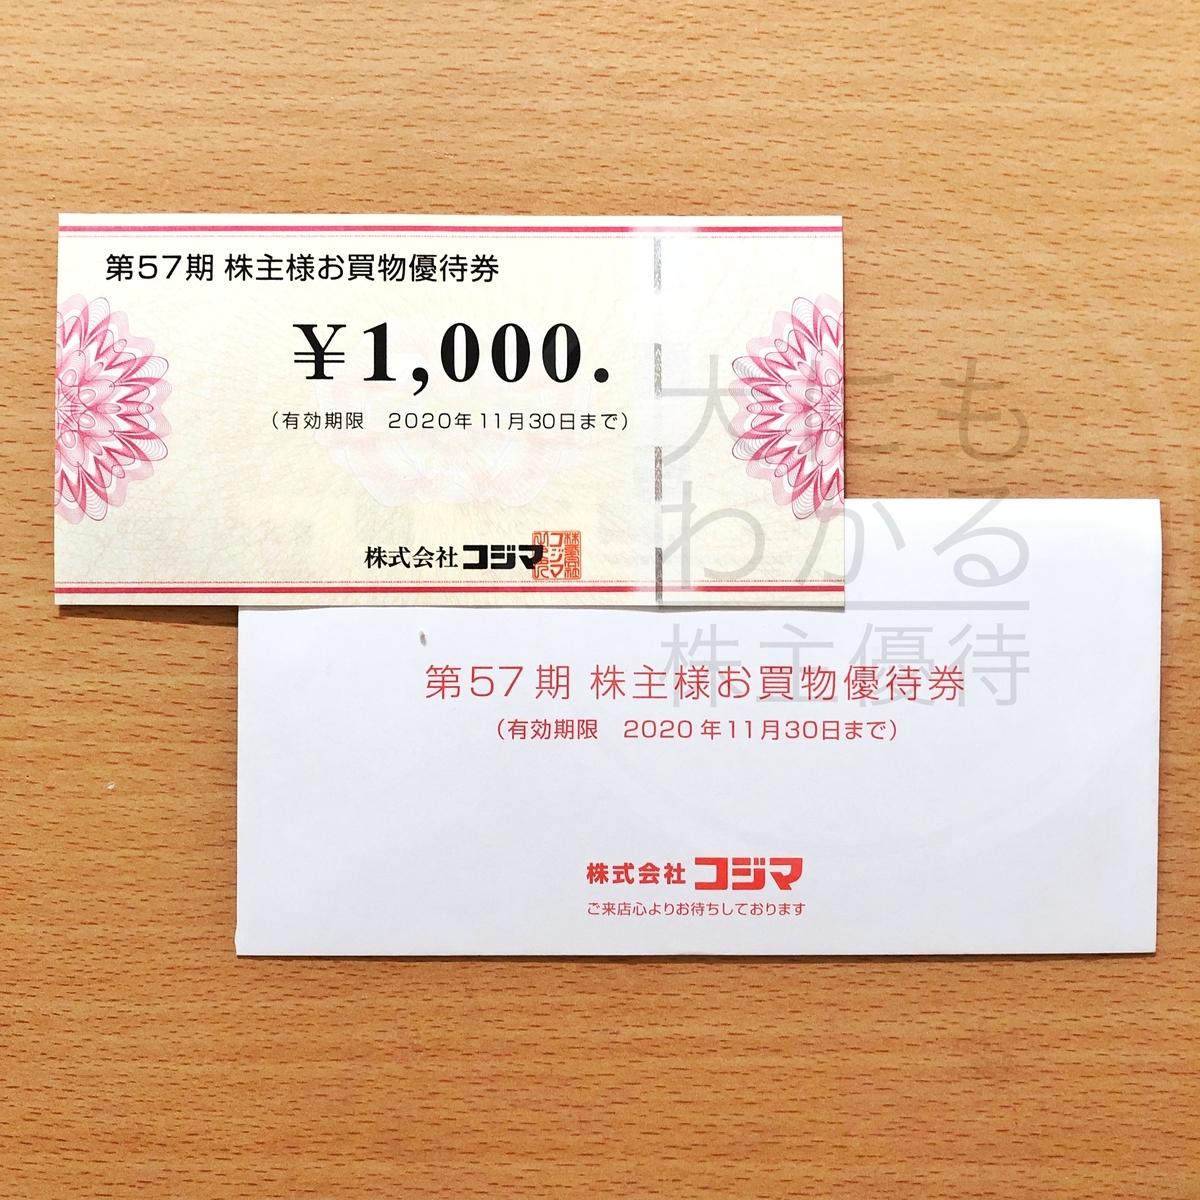 株式会社コジマ 株主優待品